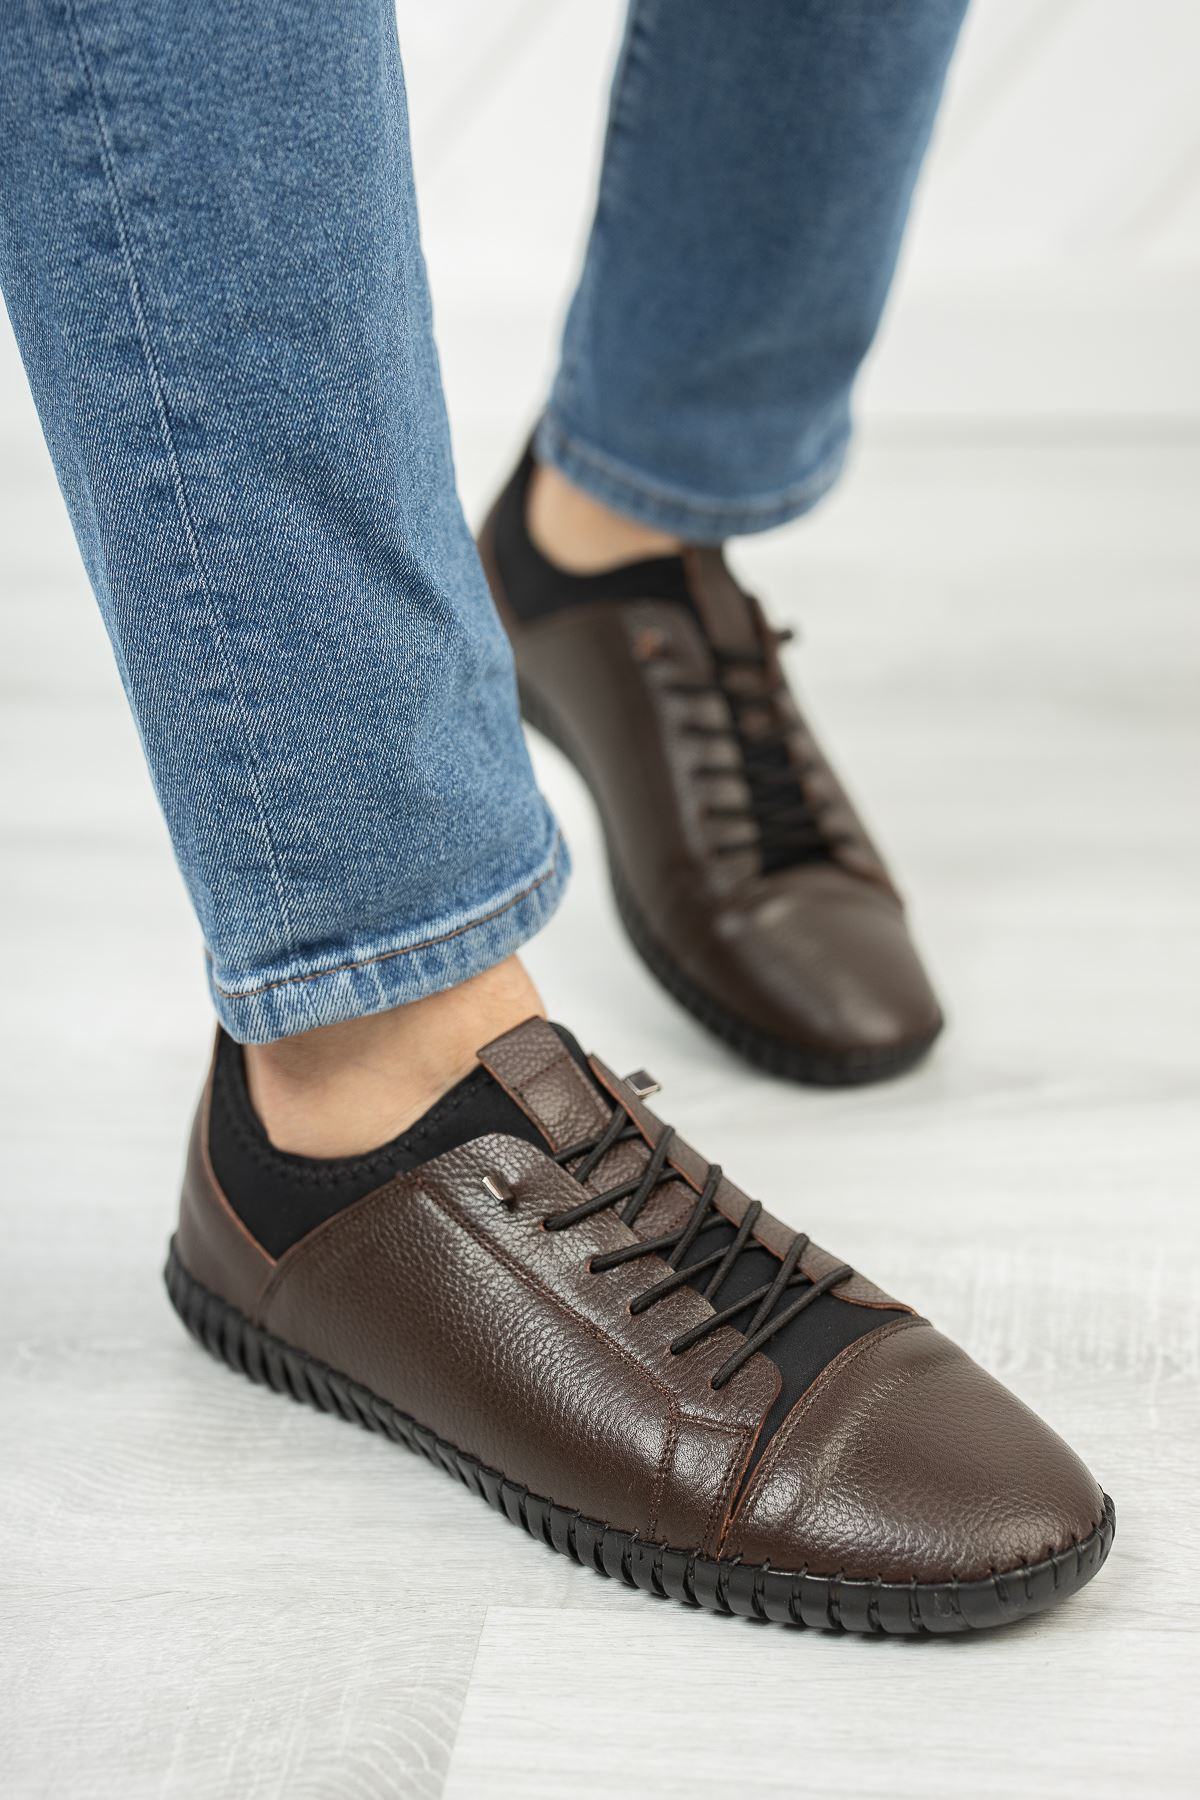 Lastik Bağcıklı Streçli Ortopedik Taban Deri Kahverengi Erkek Ayakkabı